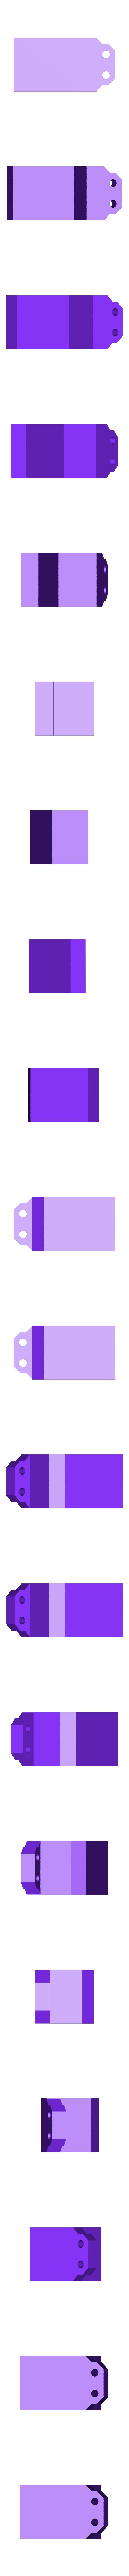 1_v2.stl Télécharger fichier STL gratuit XYZ DaVinci PRO Porte-bobine de surface XYZ DaVinci PRO • Objet pour impression 3D, indigo4